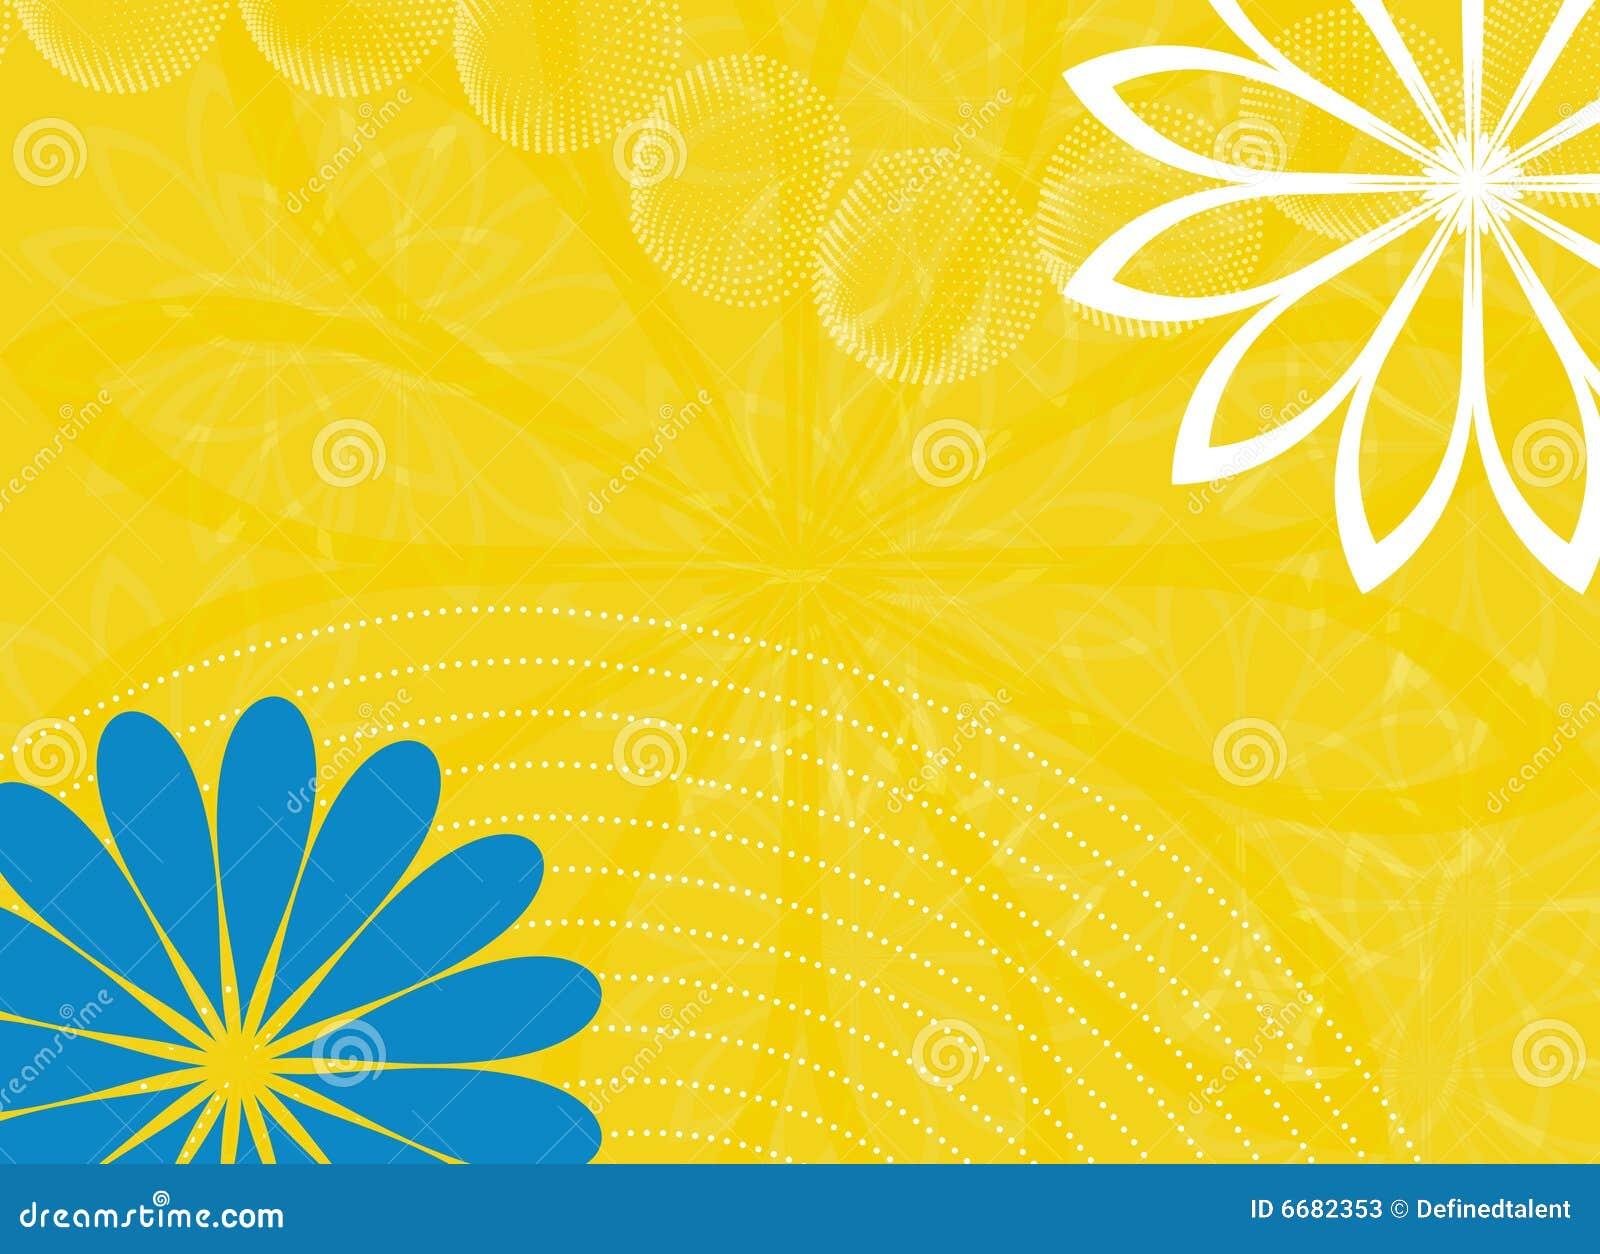 用花装饰的春天背景